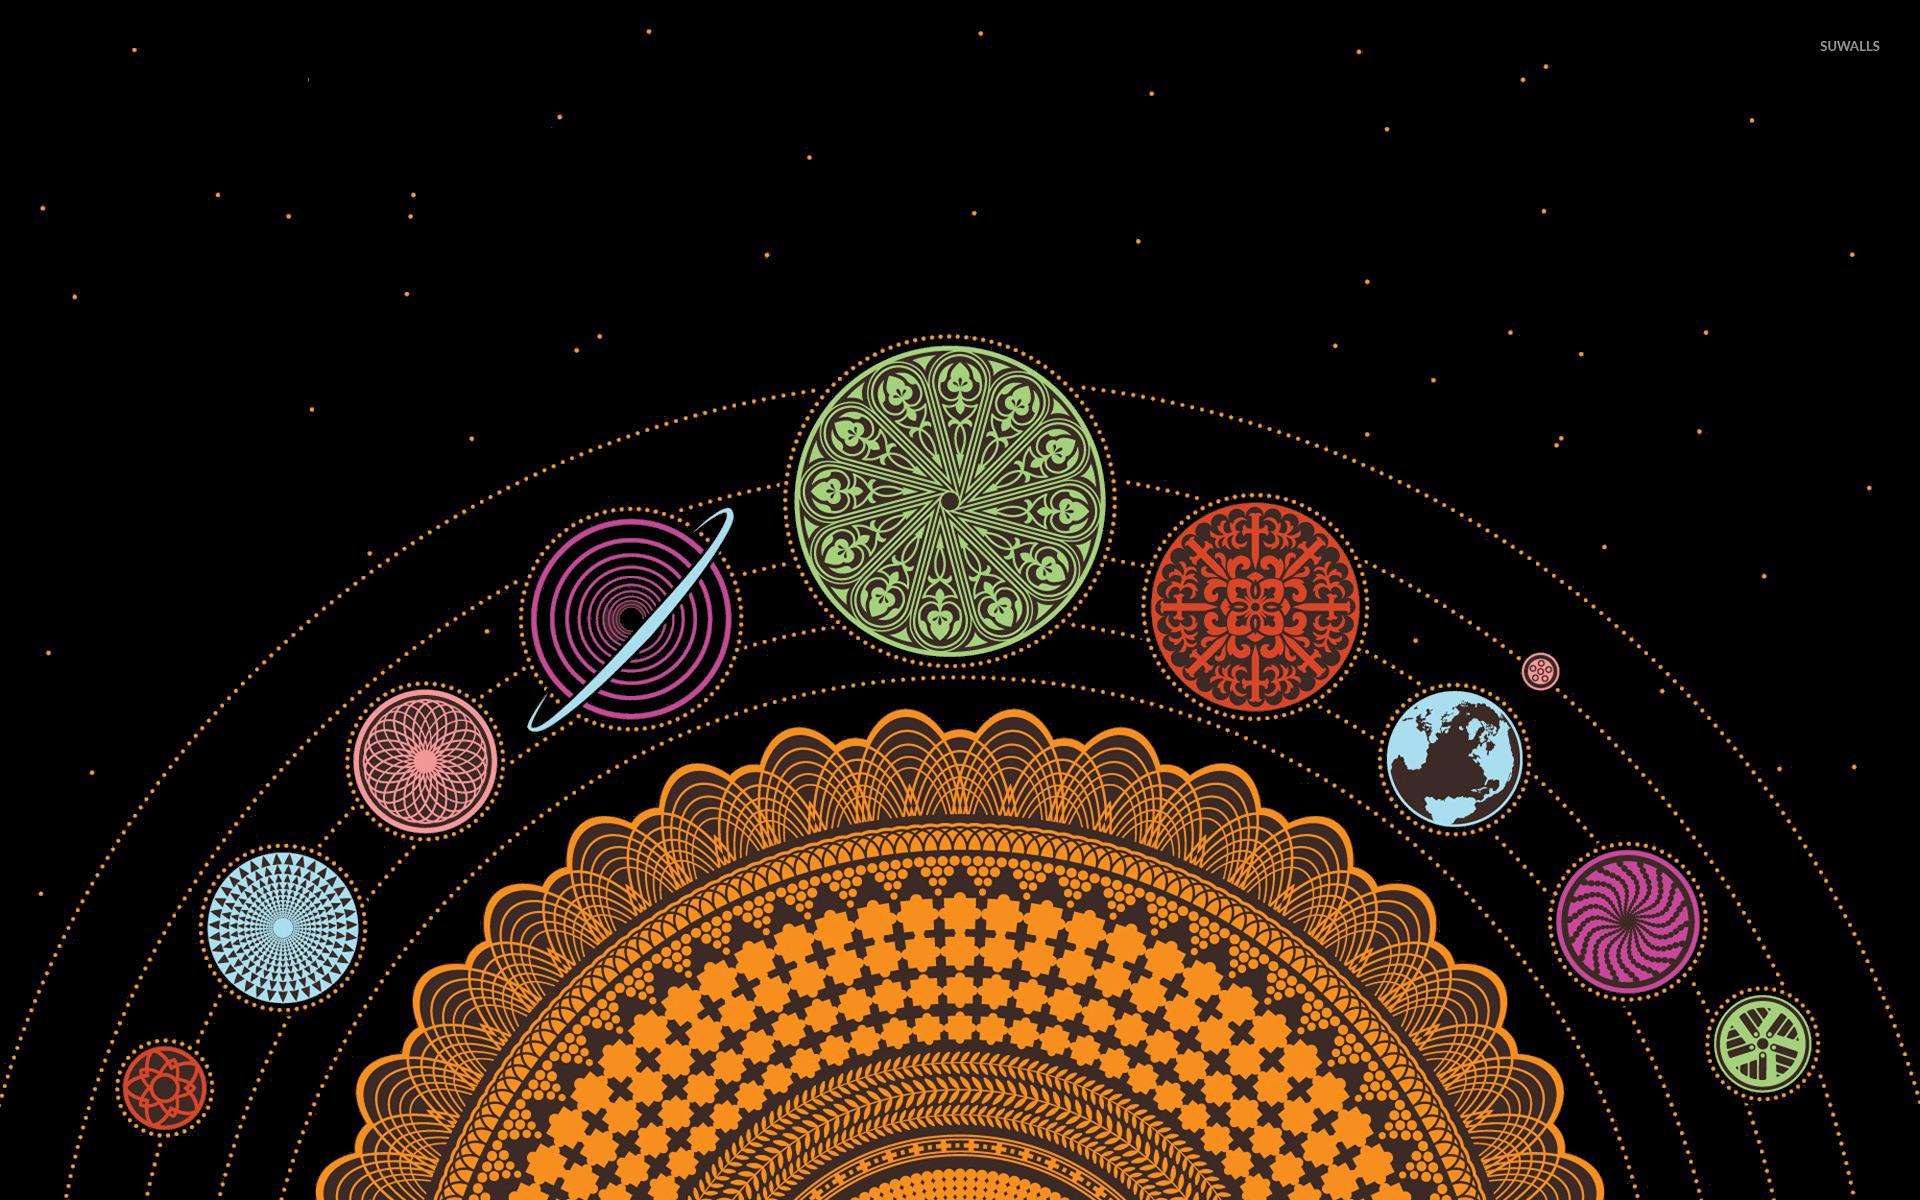 Spiral Solar System Wallpaper